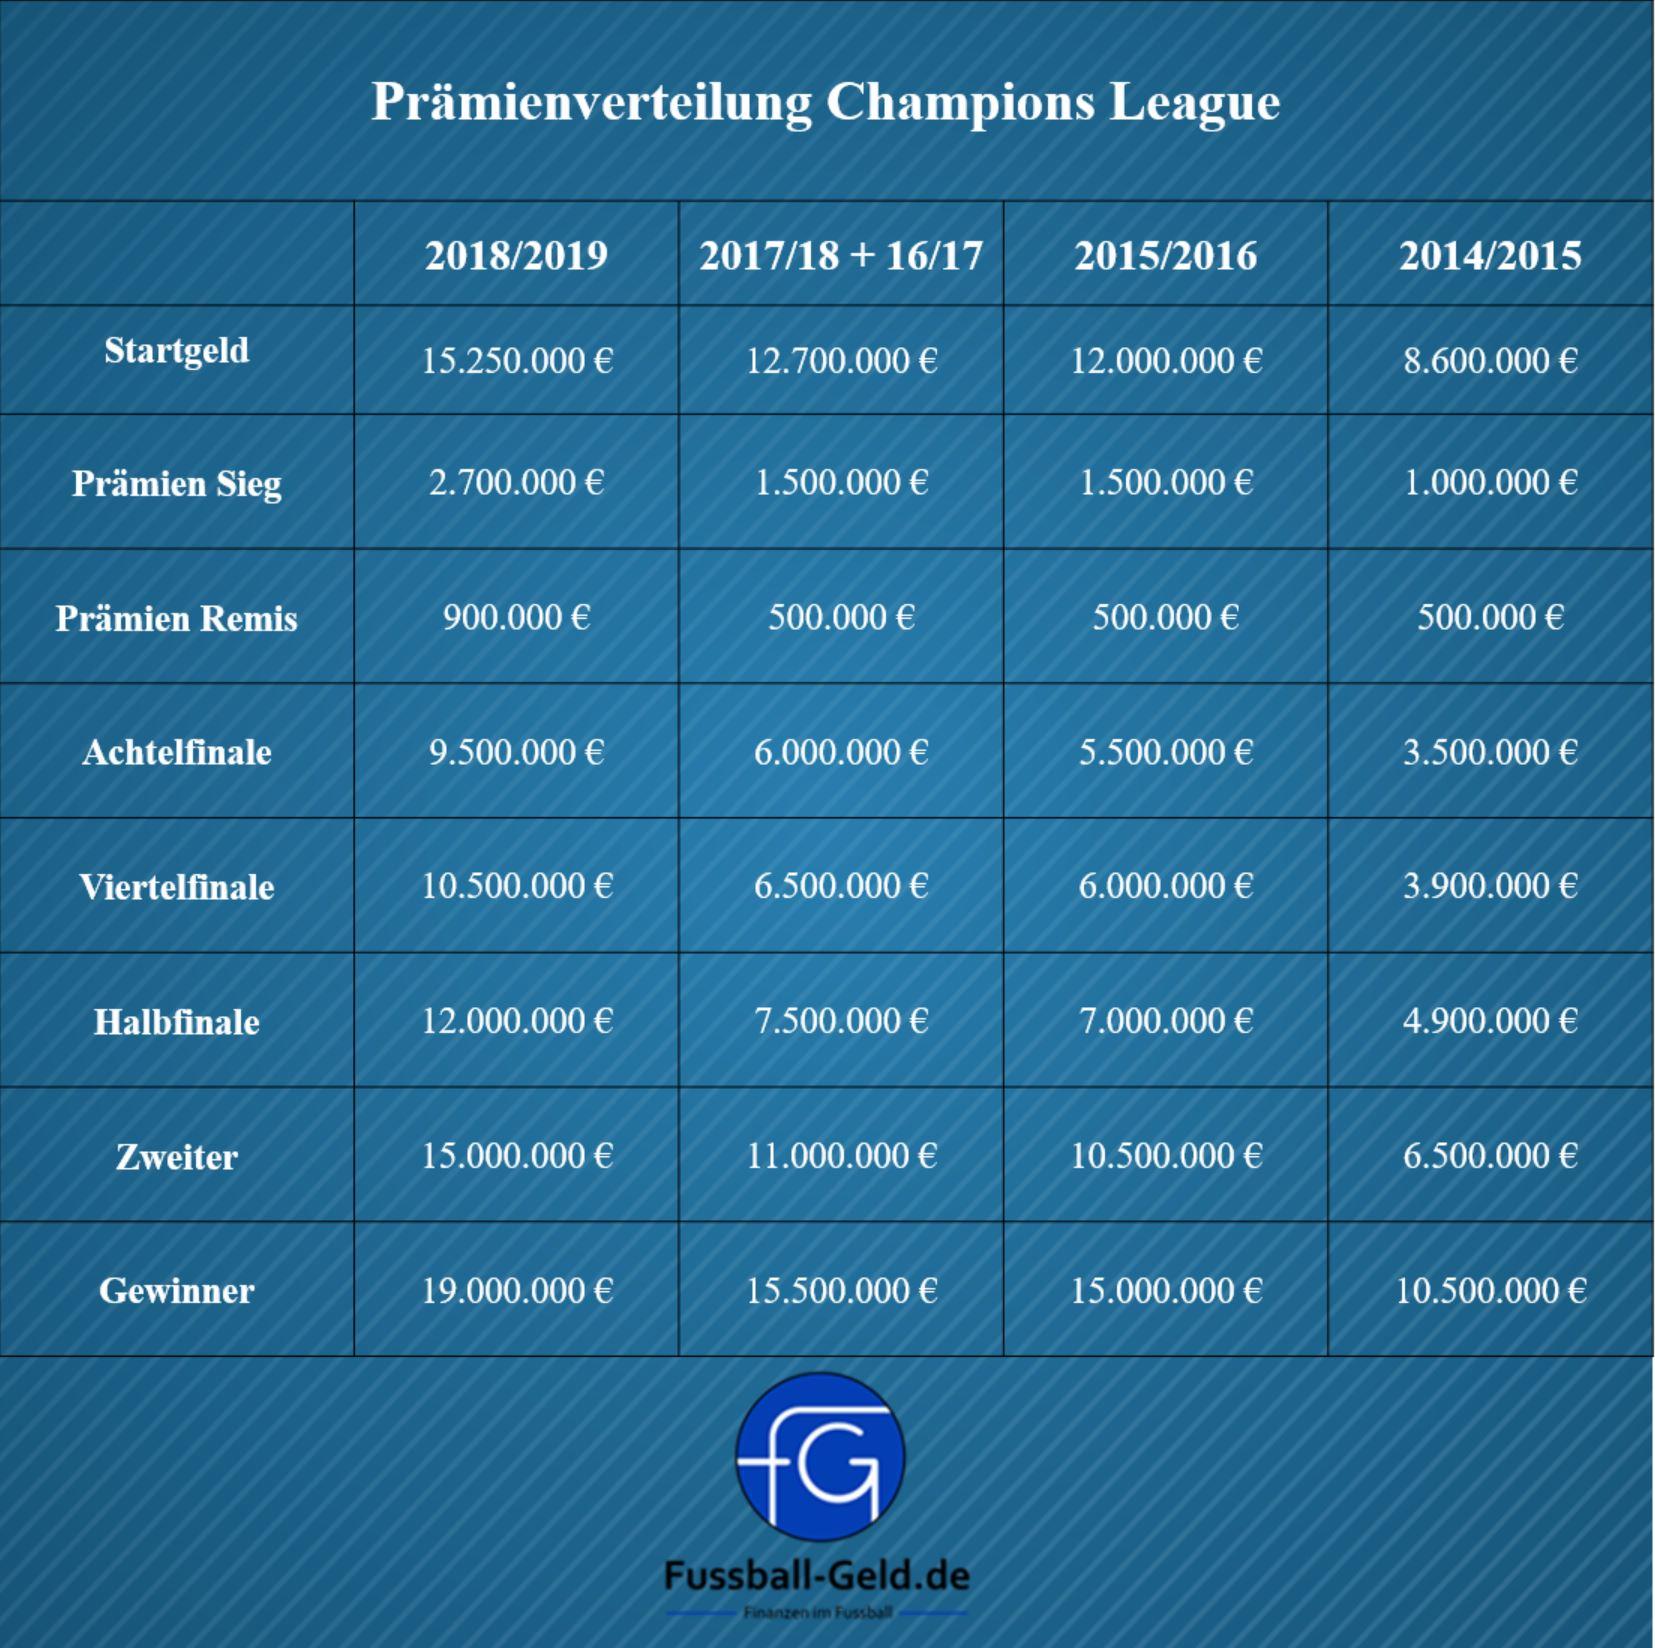 Verteilung Der Champions League Einnahmen 2018 19